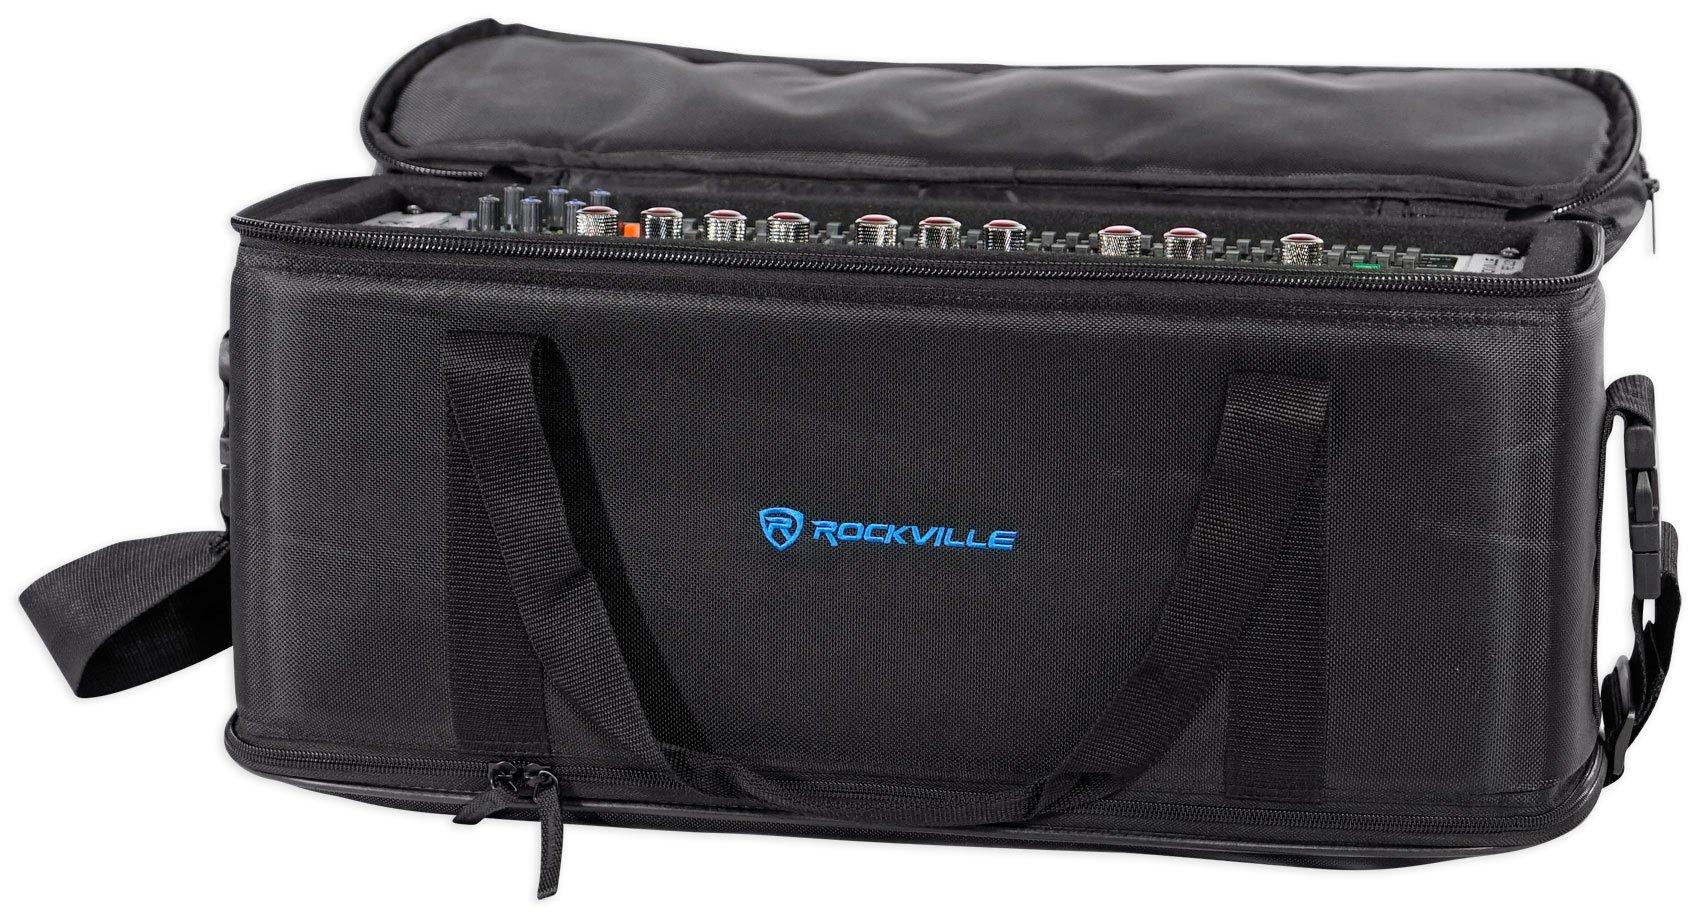 Rockville 3U Rack Bag Double-Sided Case with 12'' Depth + Shoulder Strap (RRB30) by Rockville (Image #4)